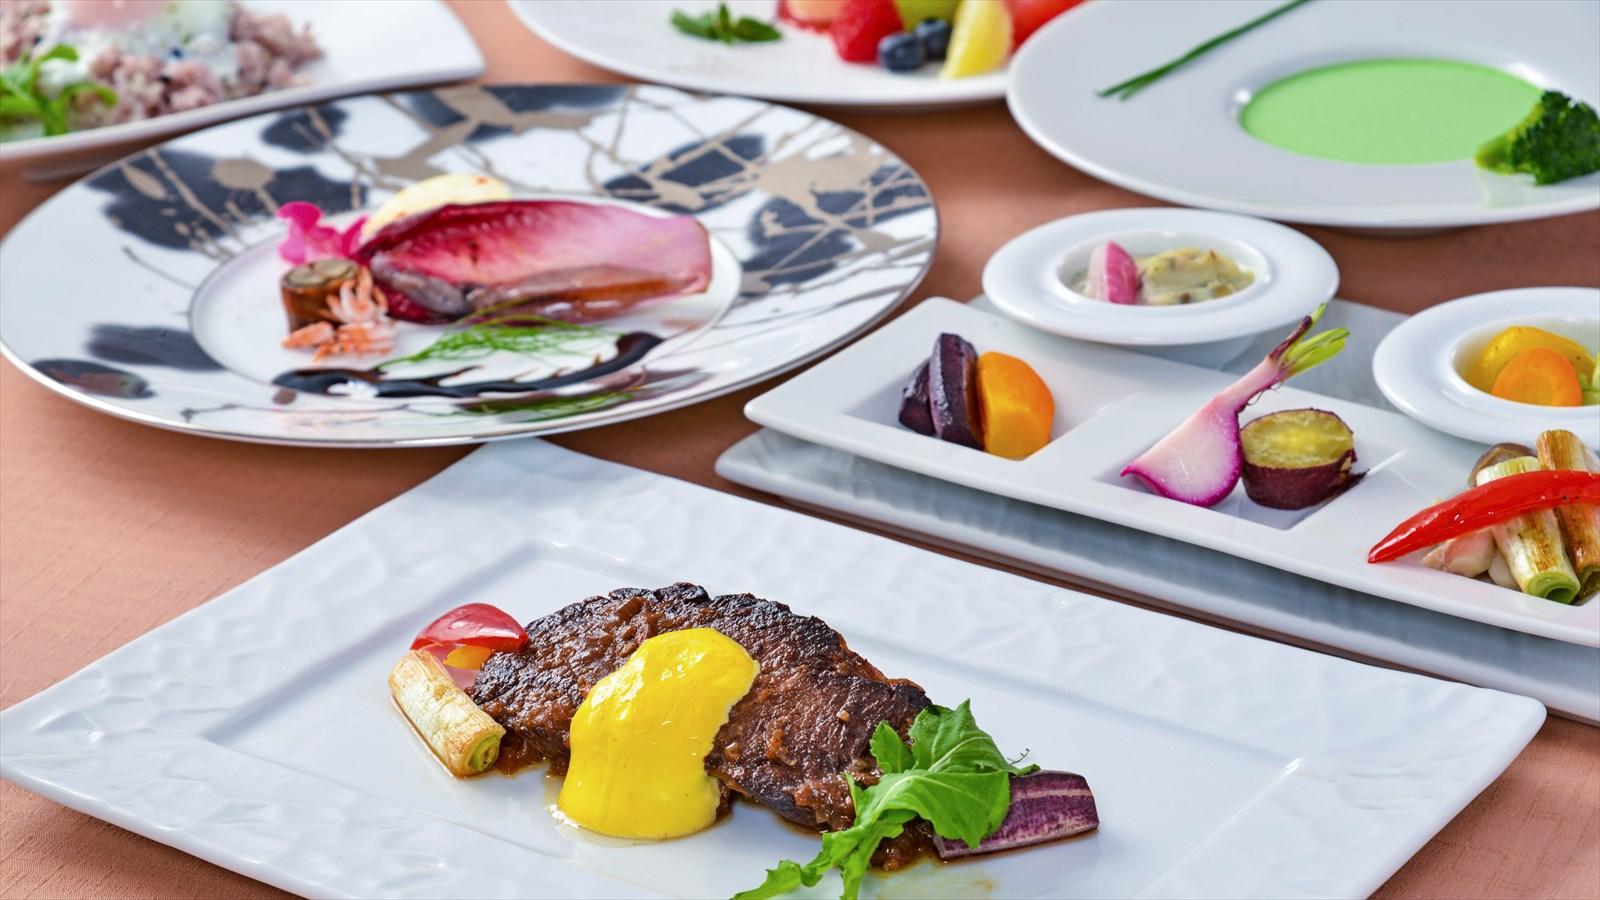 【夕食・朝食付】2種類のソースで楽しむ牛ロースと地野菜のスタンダードコース|5月まで